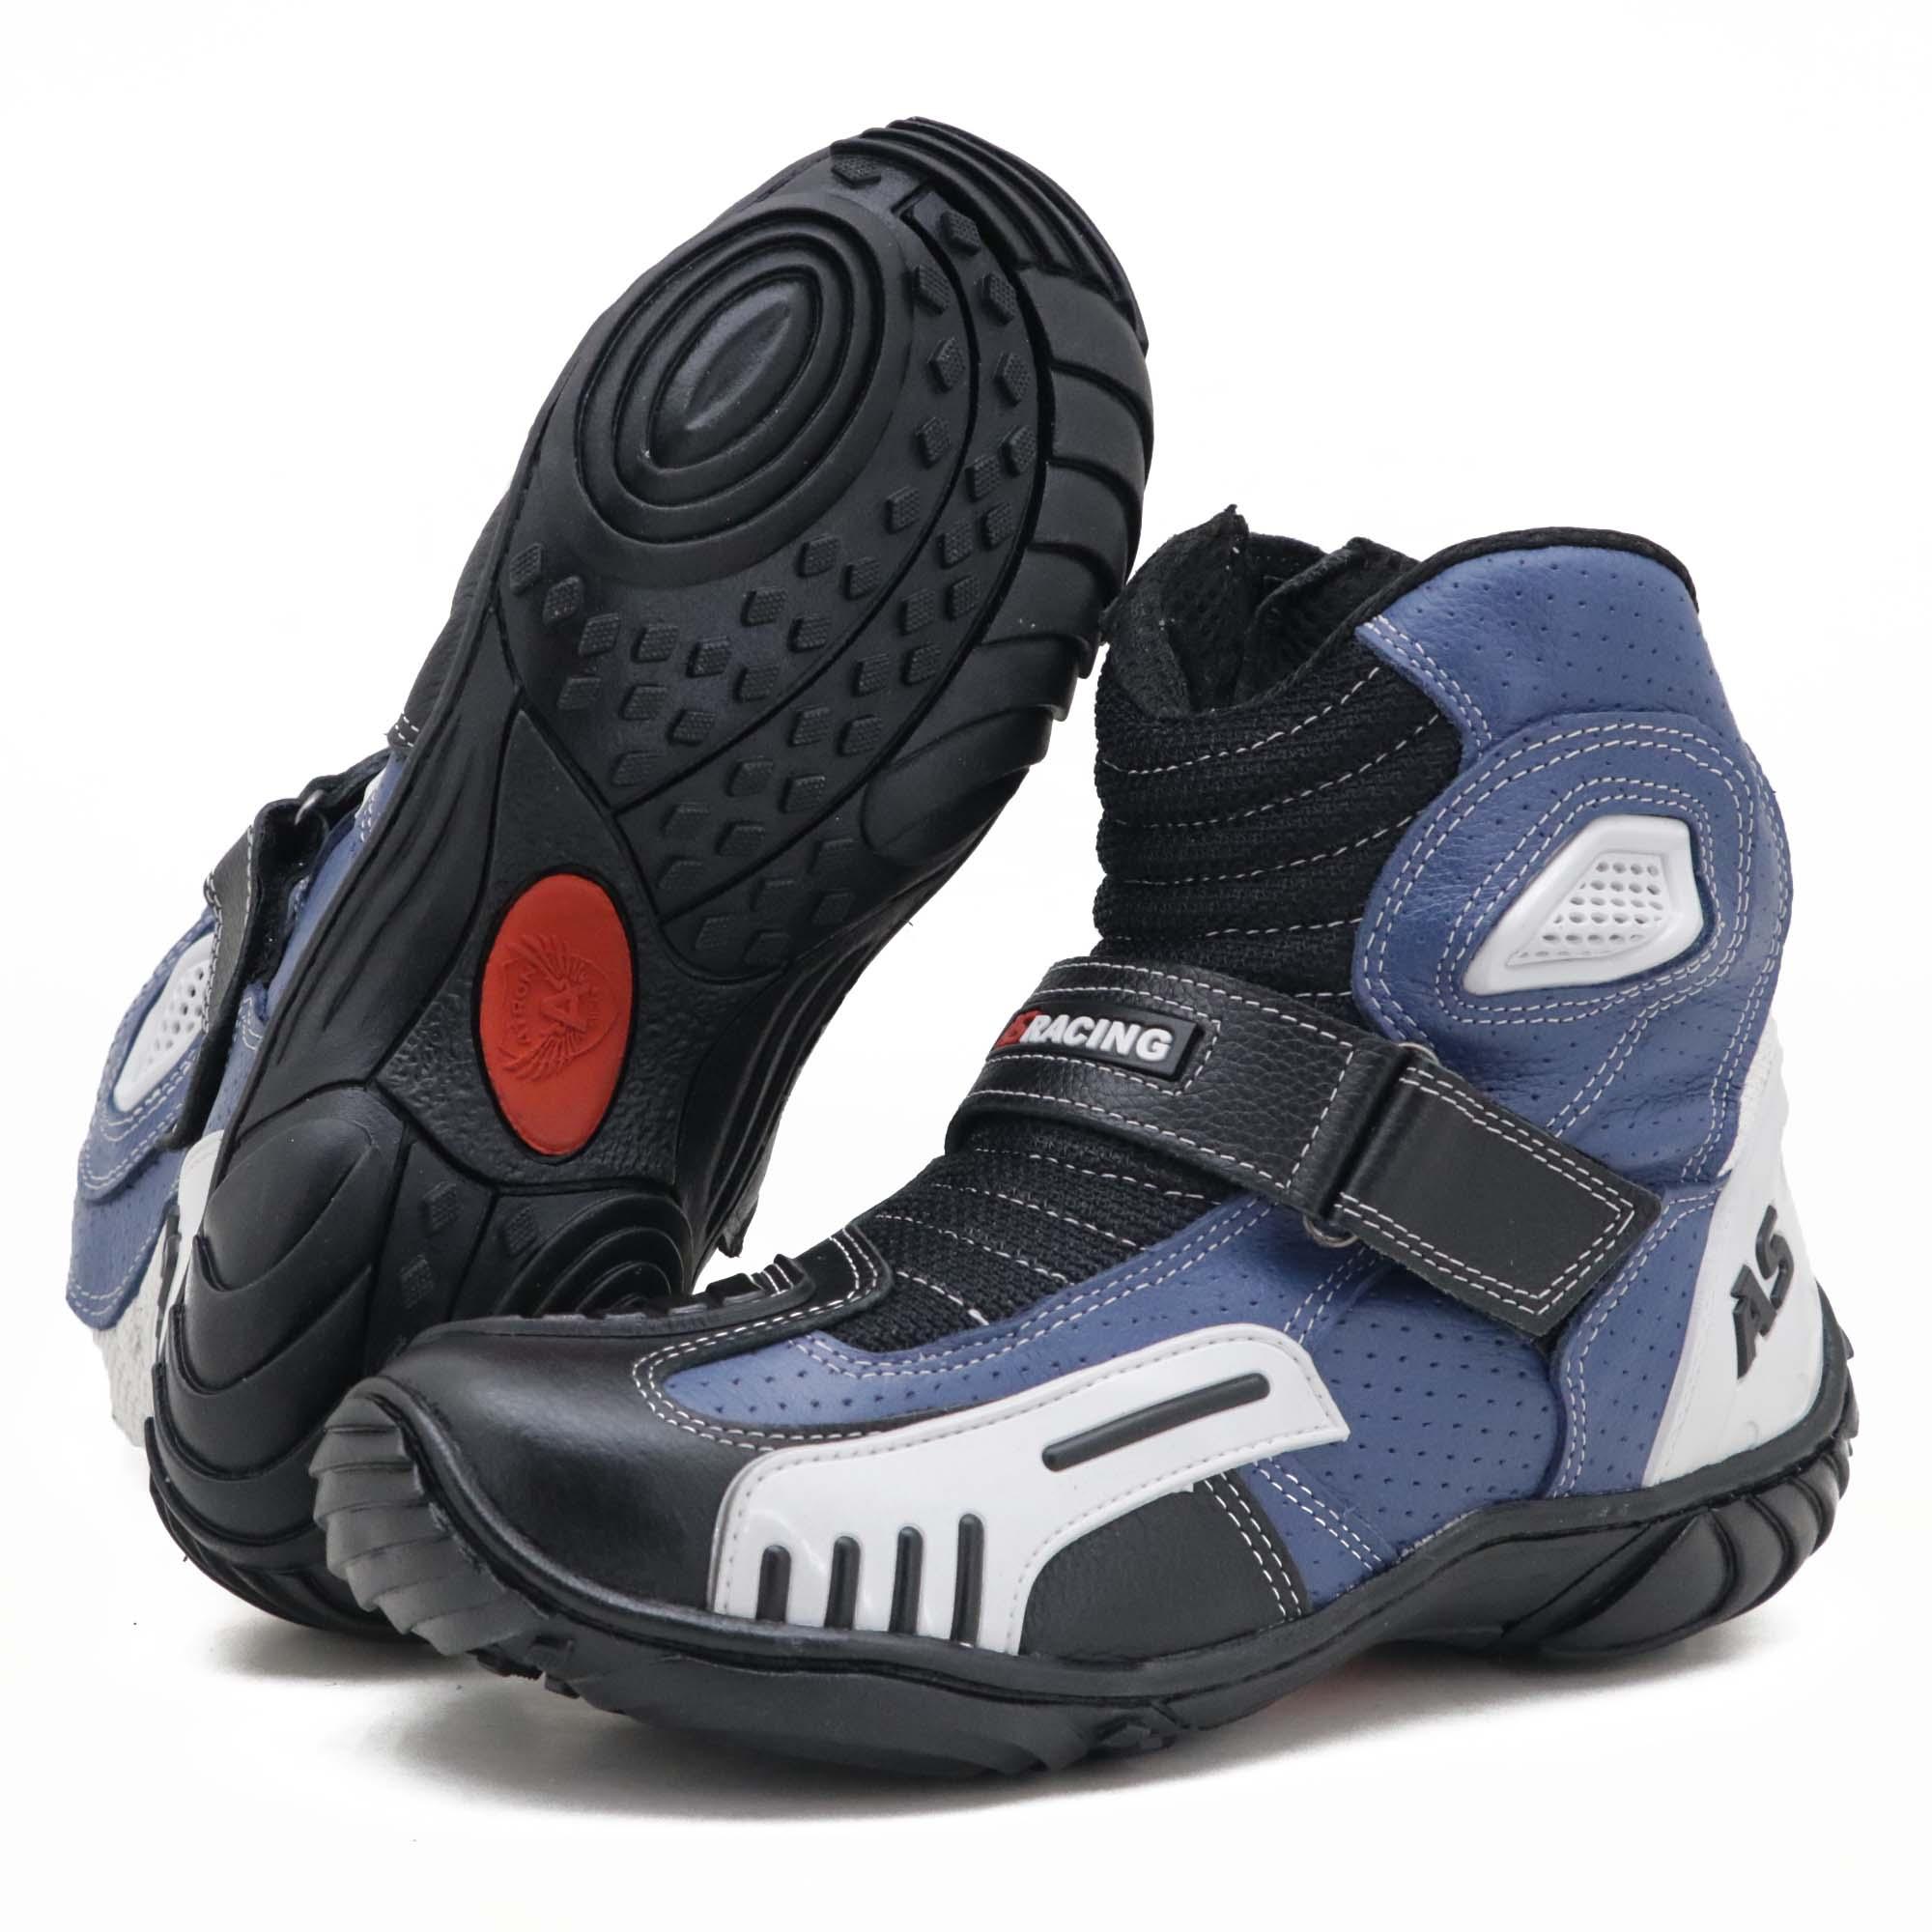 Bota motociclista AS-RACING respirável em couro legítimo nas cores preto branco e azul 406